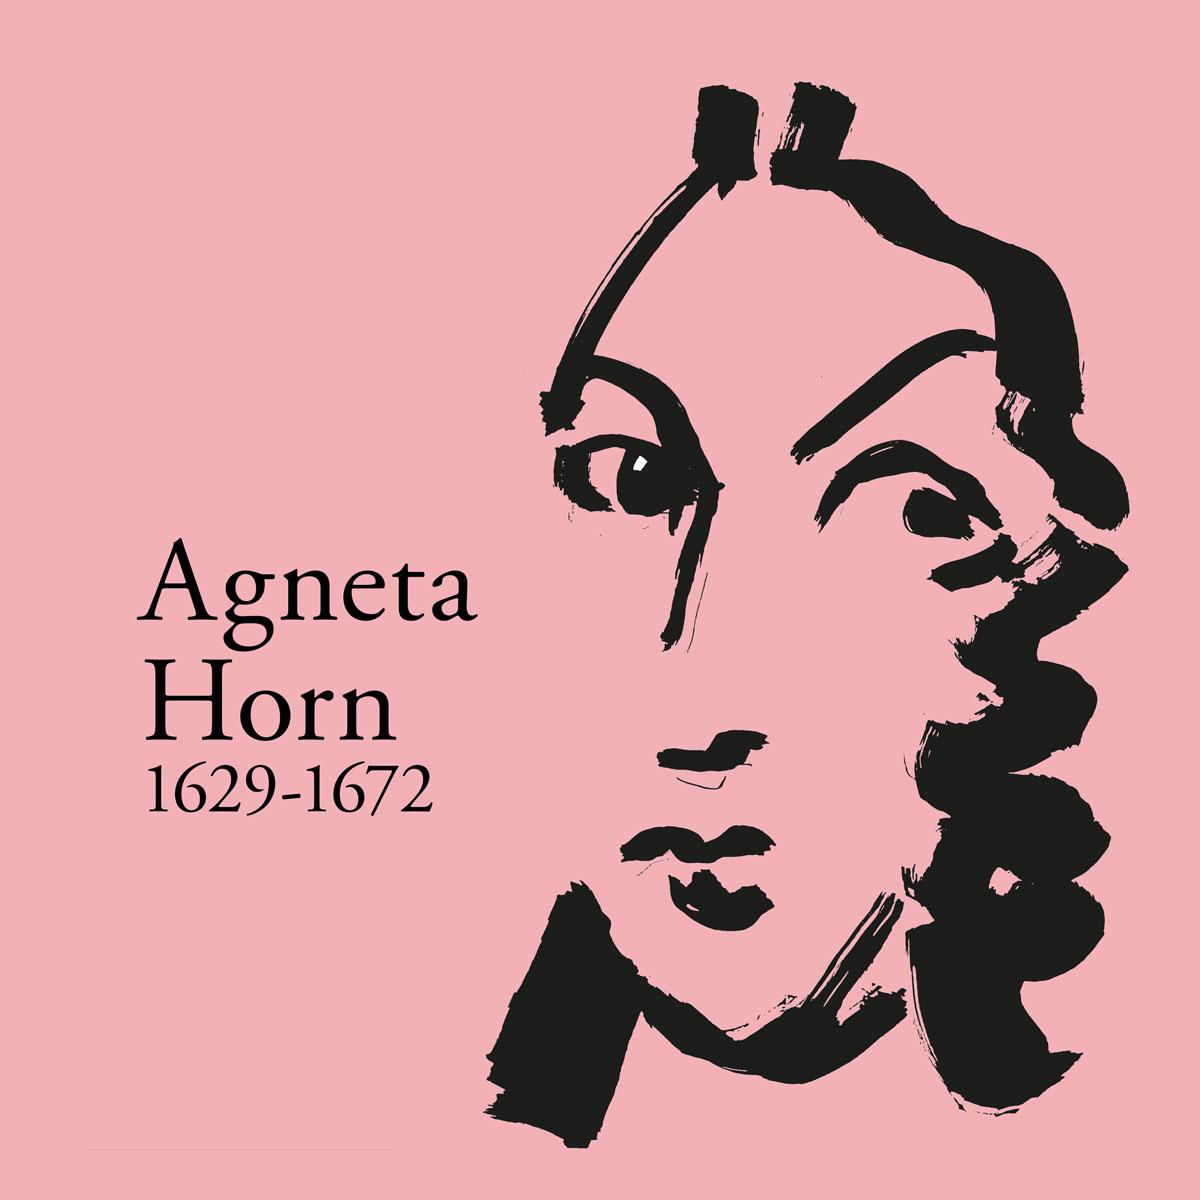 Agneta Horn